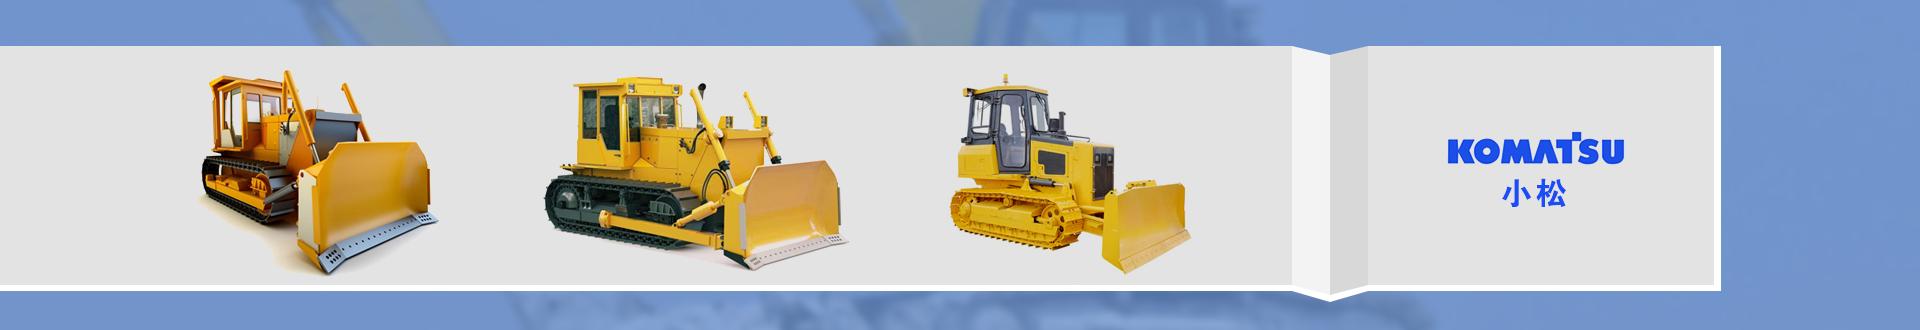 工程机械、建筑机械